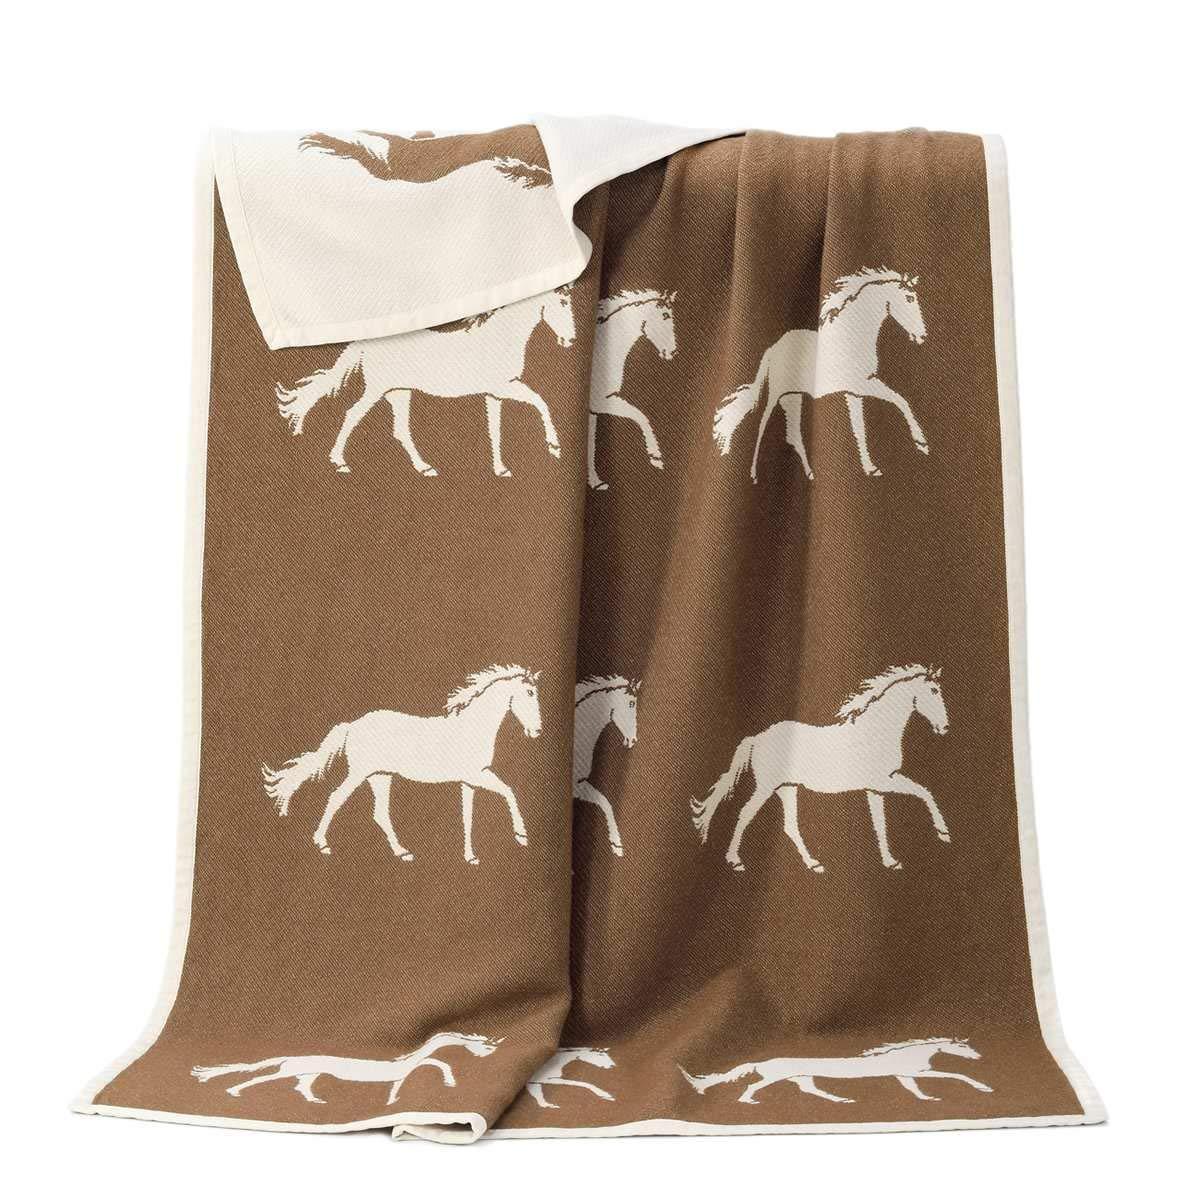 乗馬用品 J.J.Textile ホース コットン ブランケット 乗馬 馬具